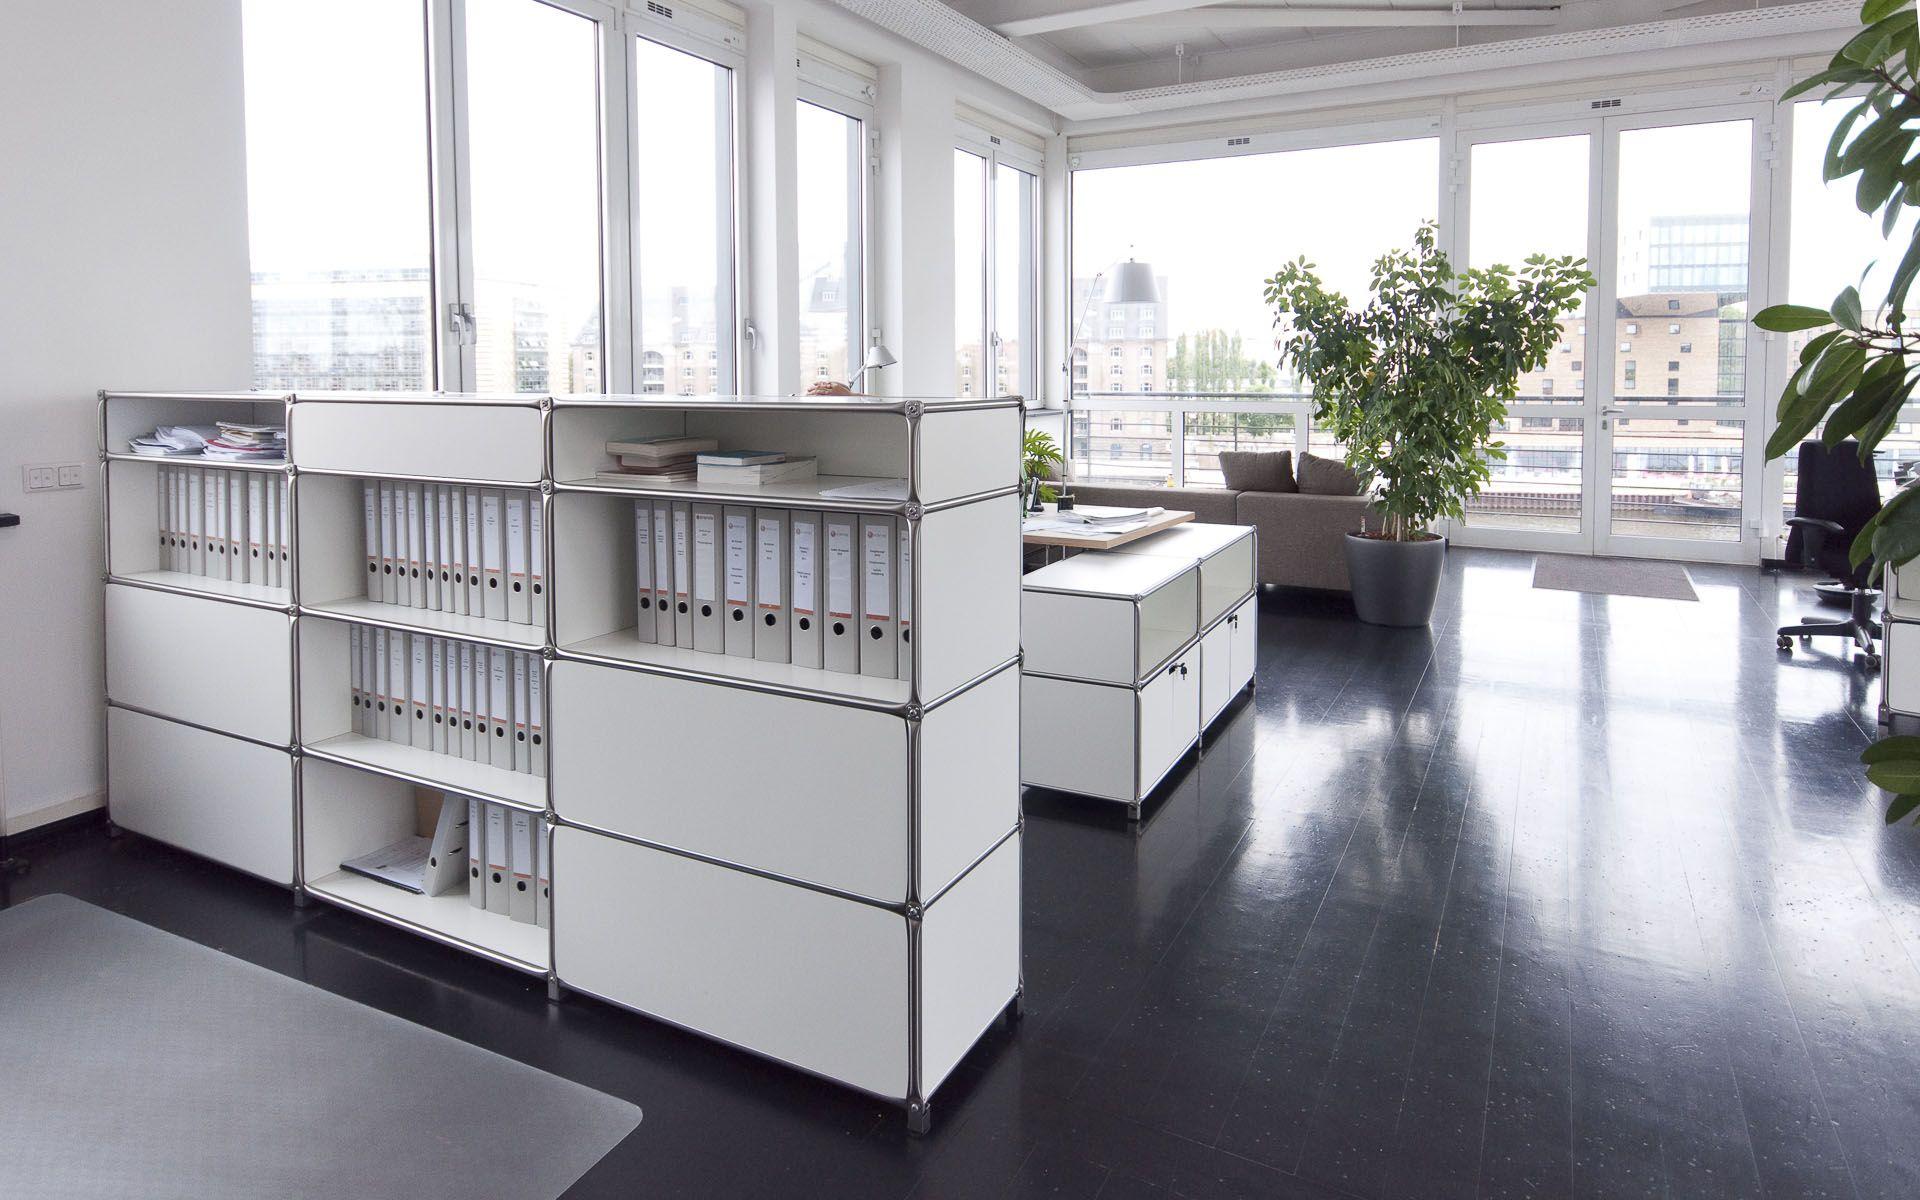 Moderne modulare büromöbel  Modulare Möbel für das Büro: Mit System 180 werden Empfangstresen ...